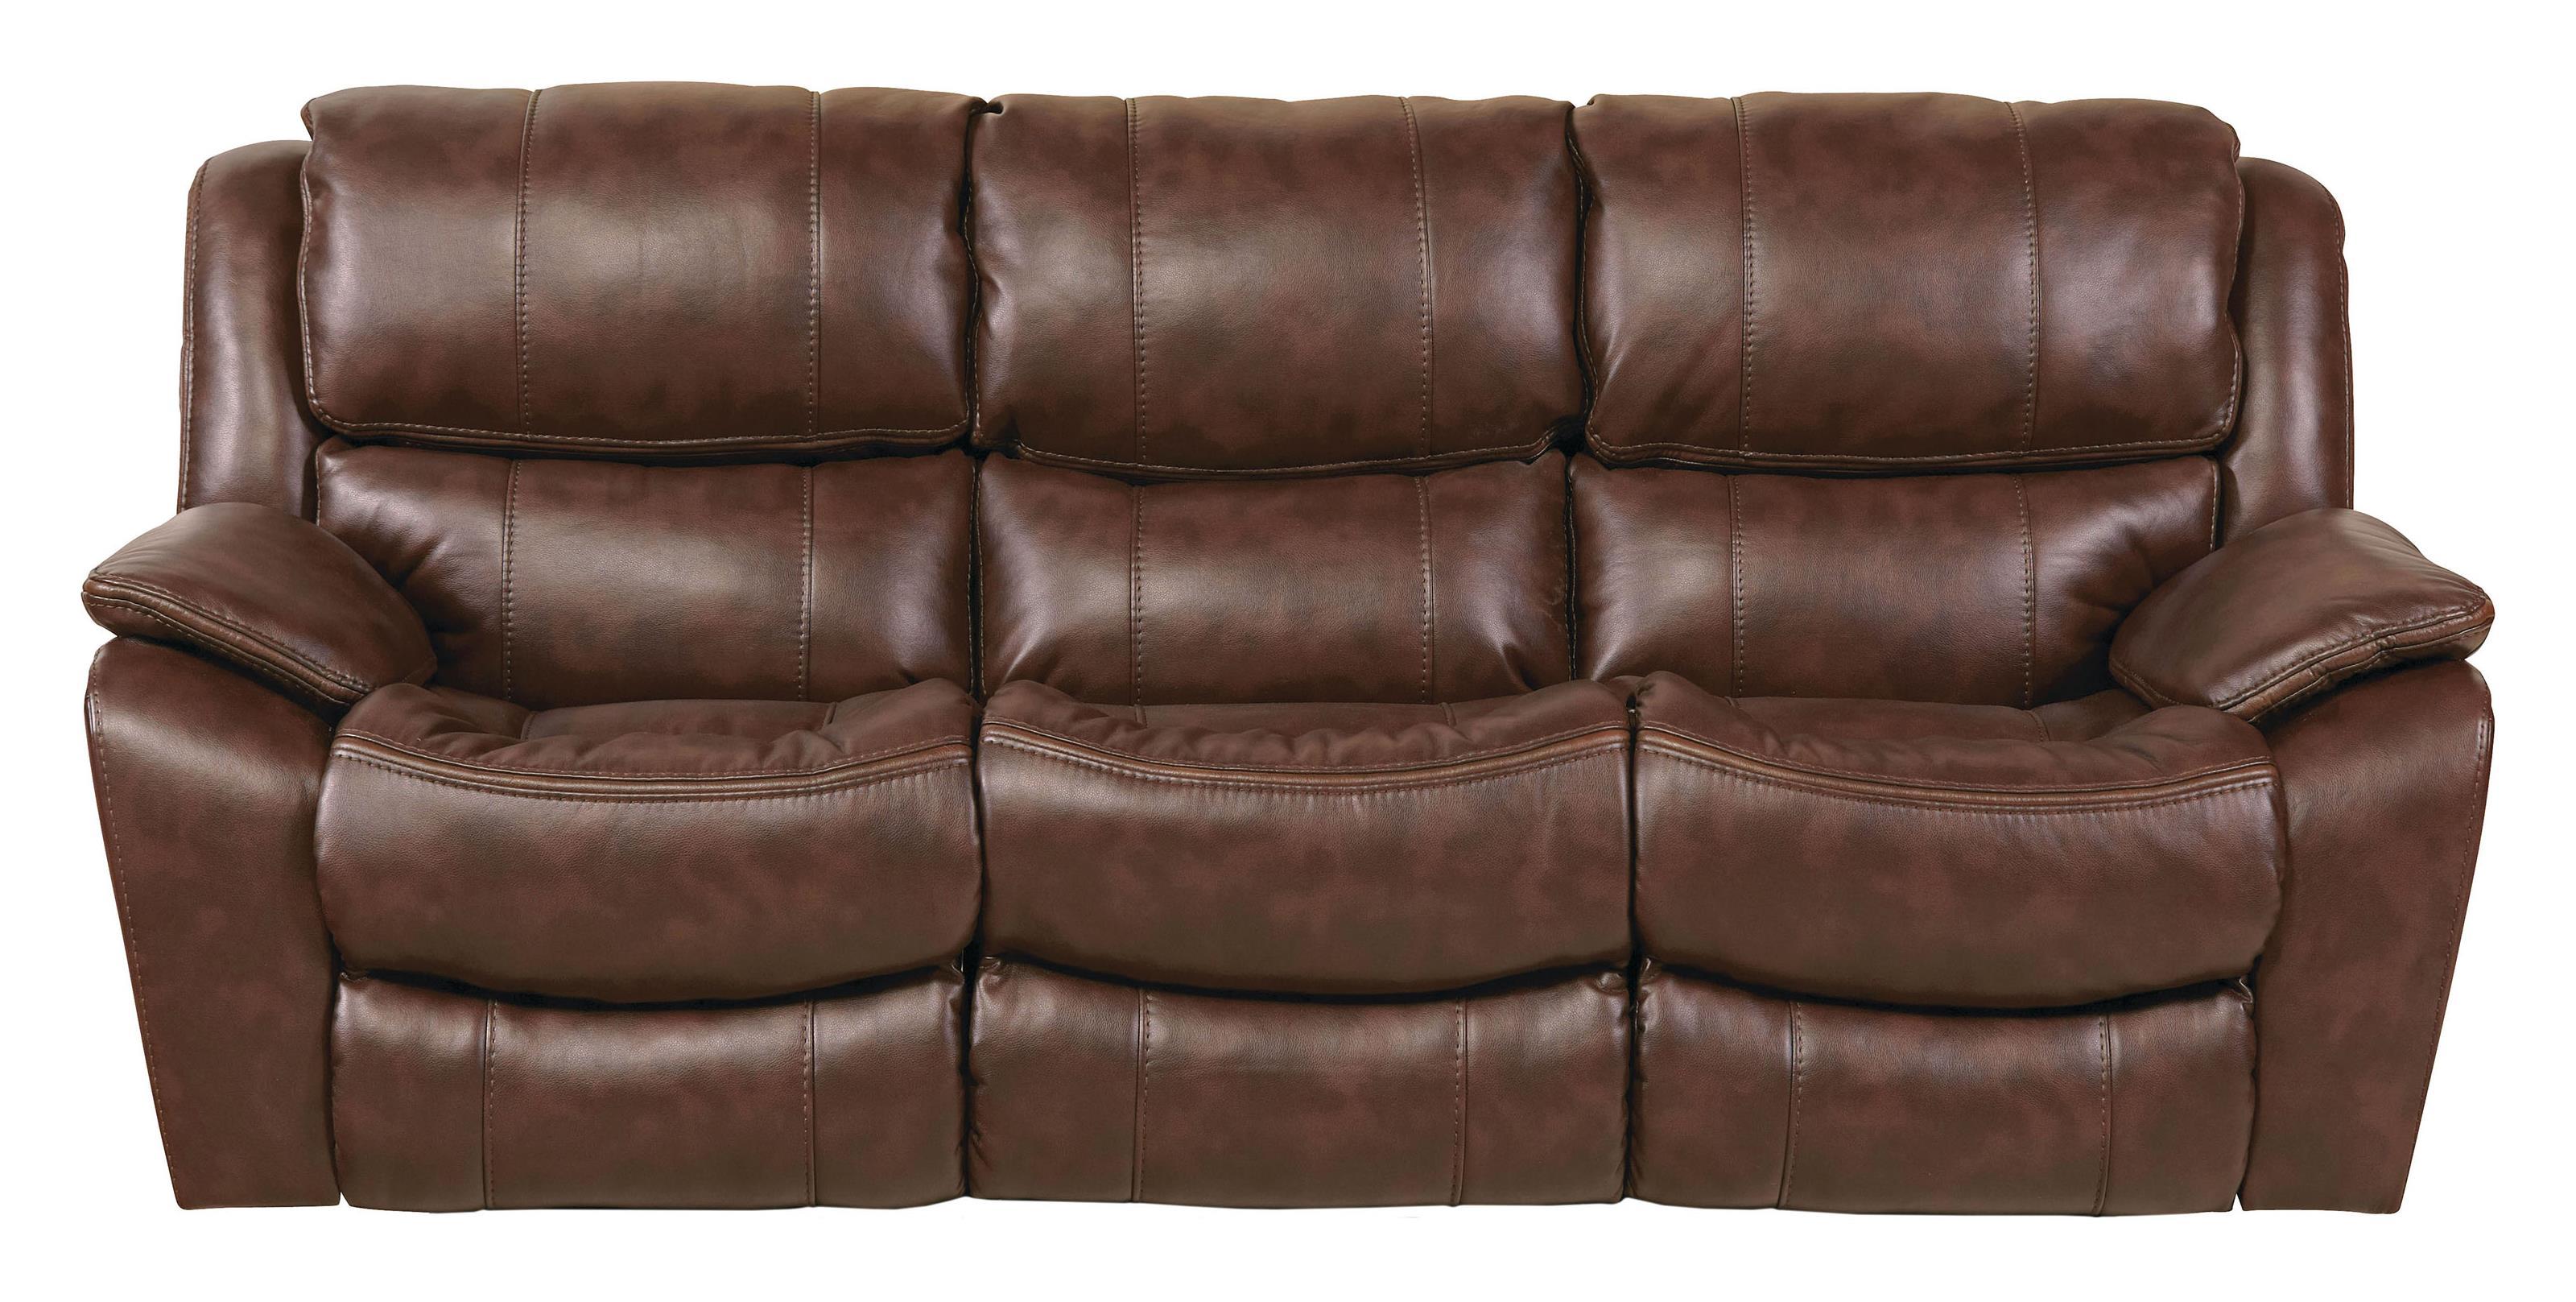 Beckett Power Reclining Sofa by Catnapper at Lapeer Furniture & Mattress Center